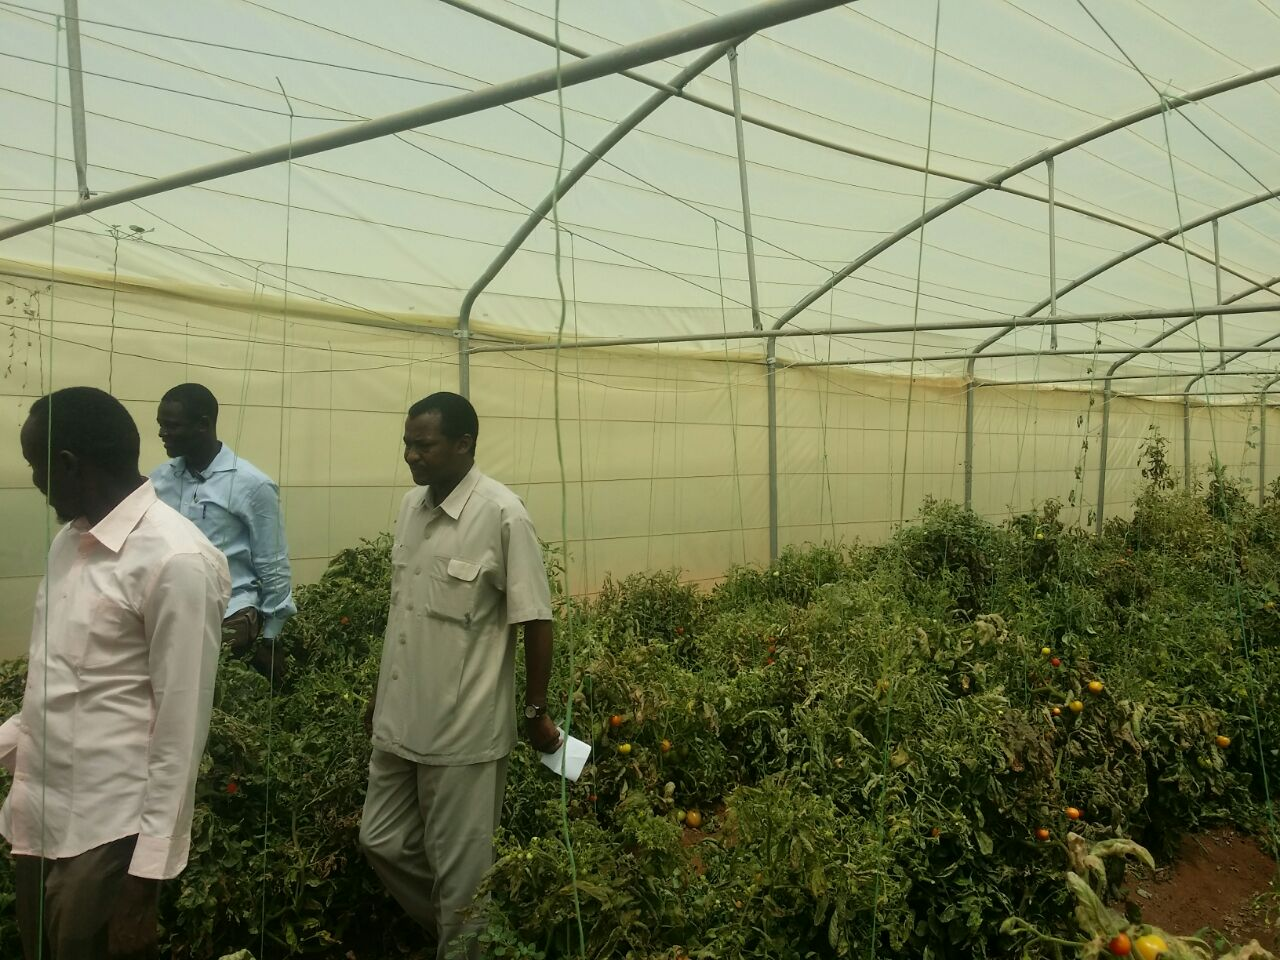 دائرة الوحدات الانتاجية تقوم بزيارة مزرعة جامعة افريقيا العالمية